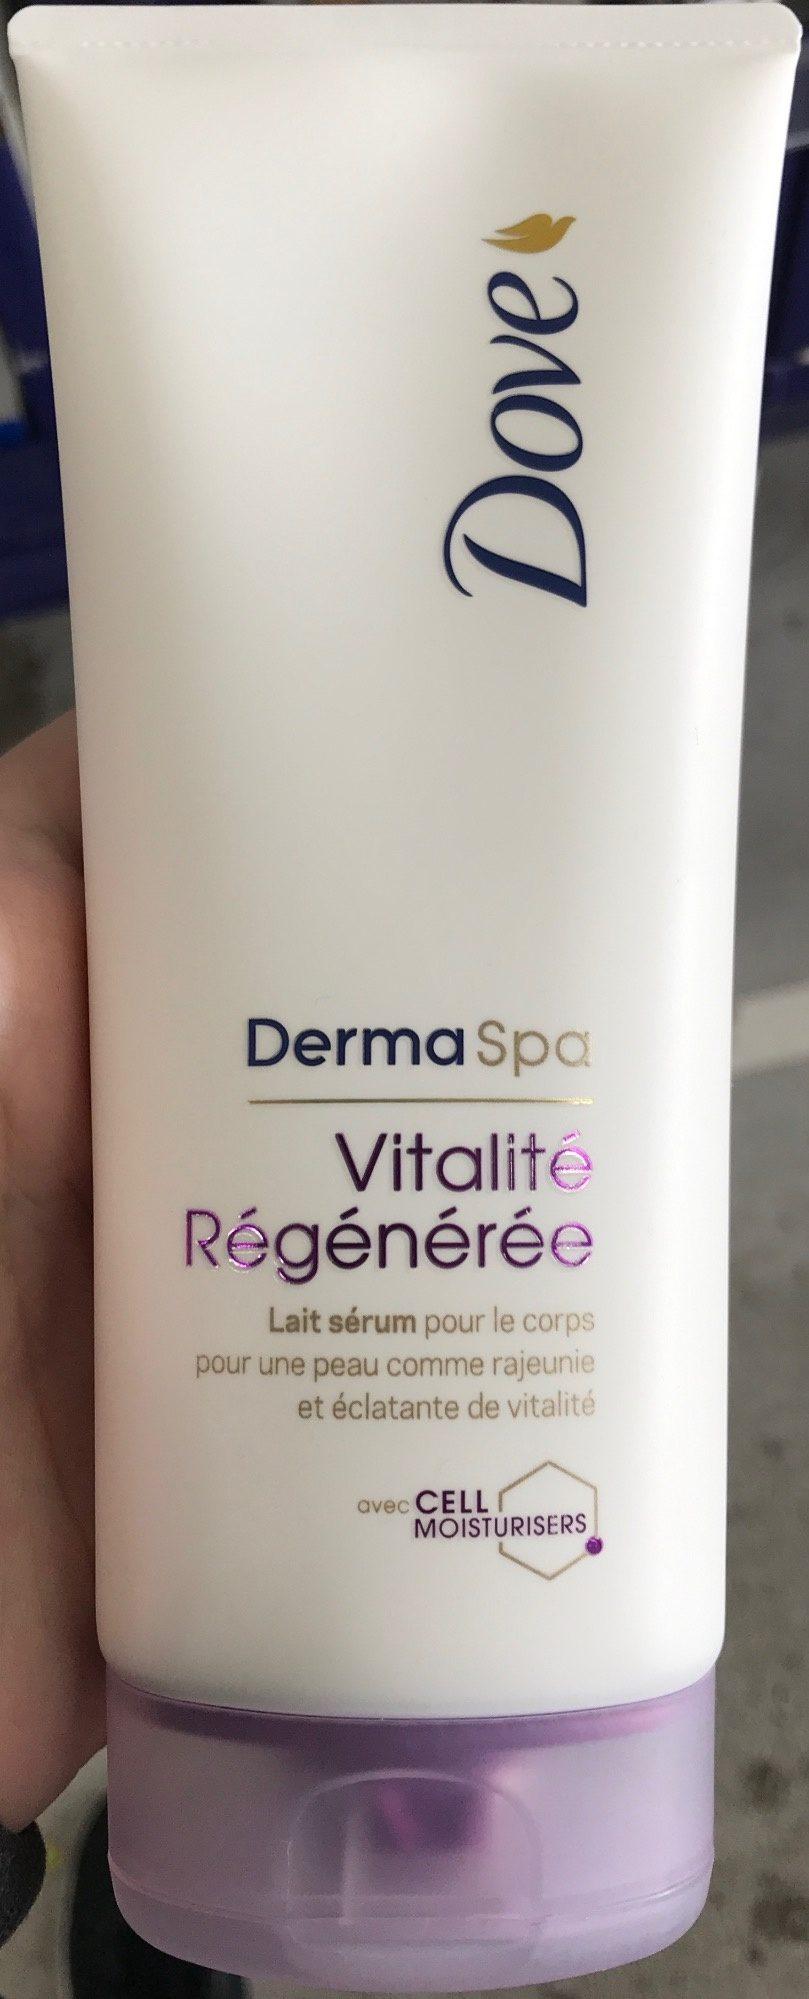 Derma Spa Vitalité regénérée - Product - fr